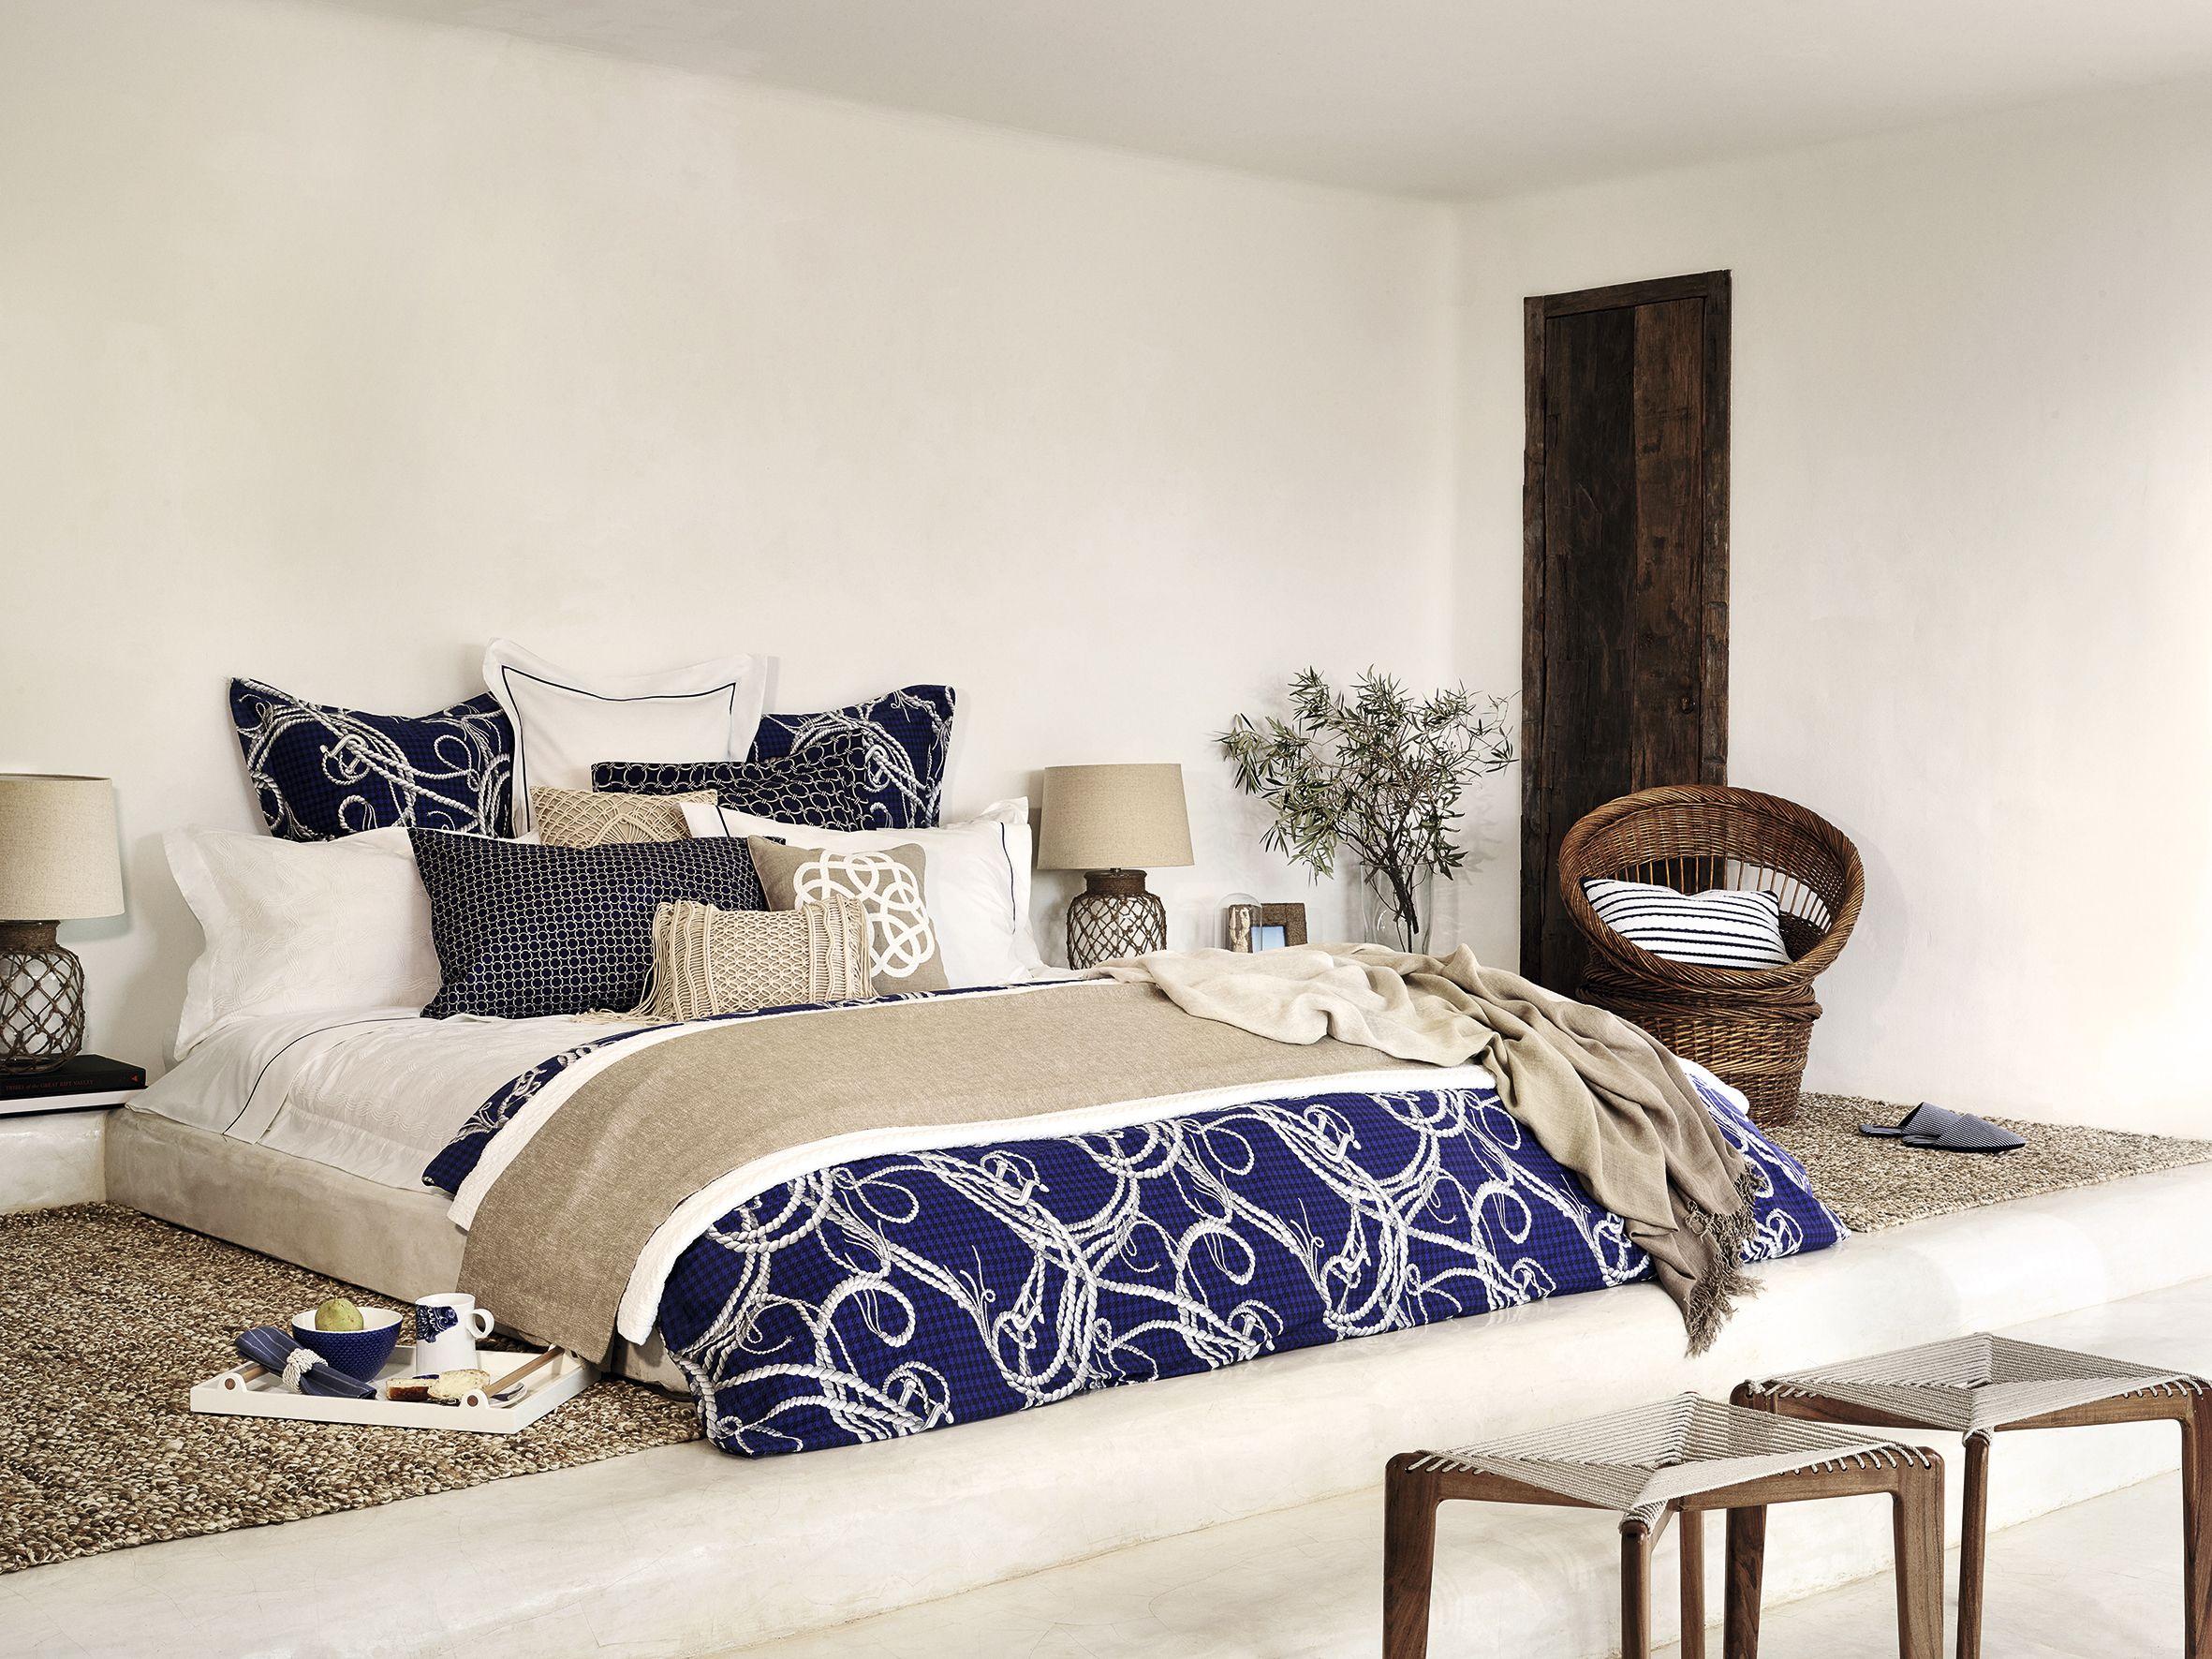 Ss15 Zara Home Design Della Camera Da Letto Zara Home Idee Per Decorare La Casa